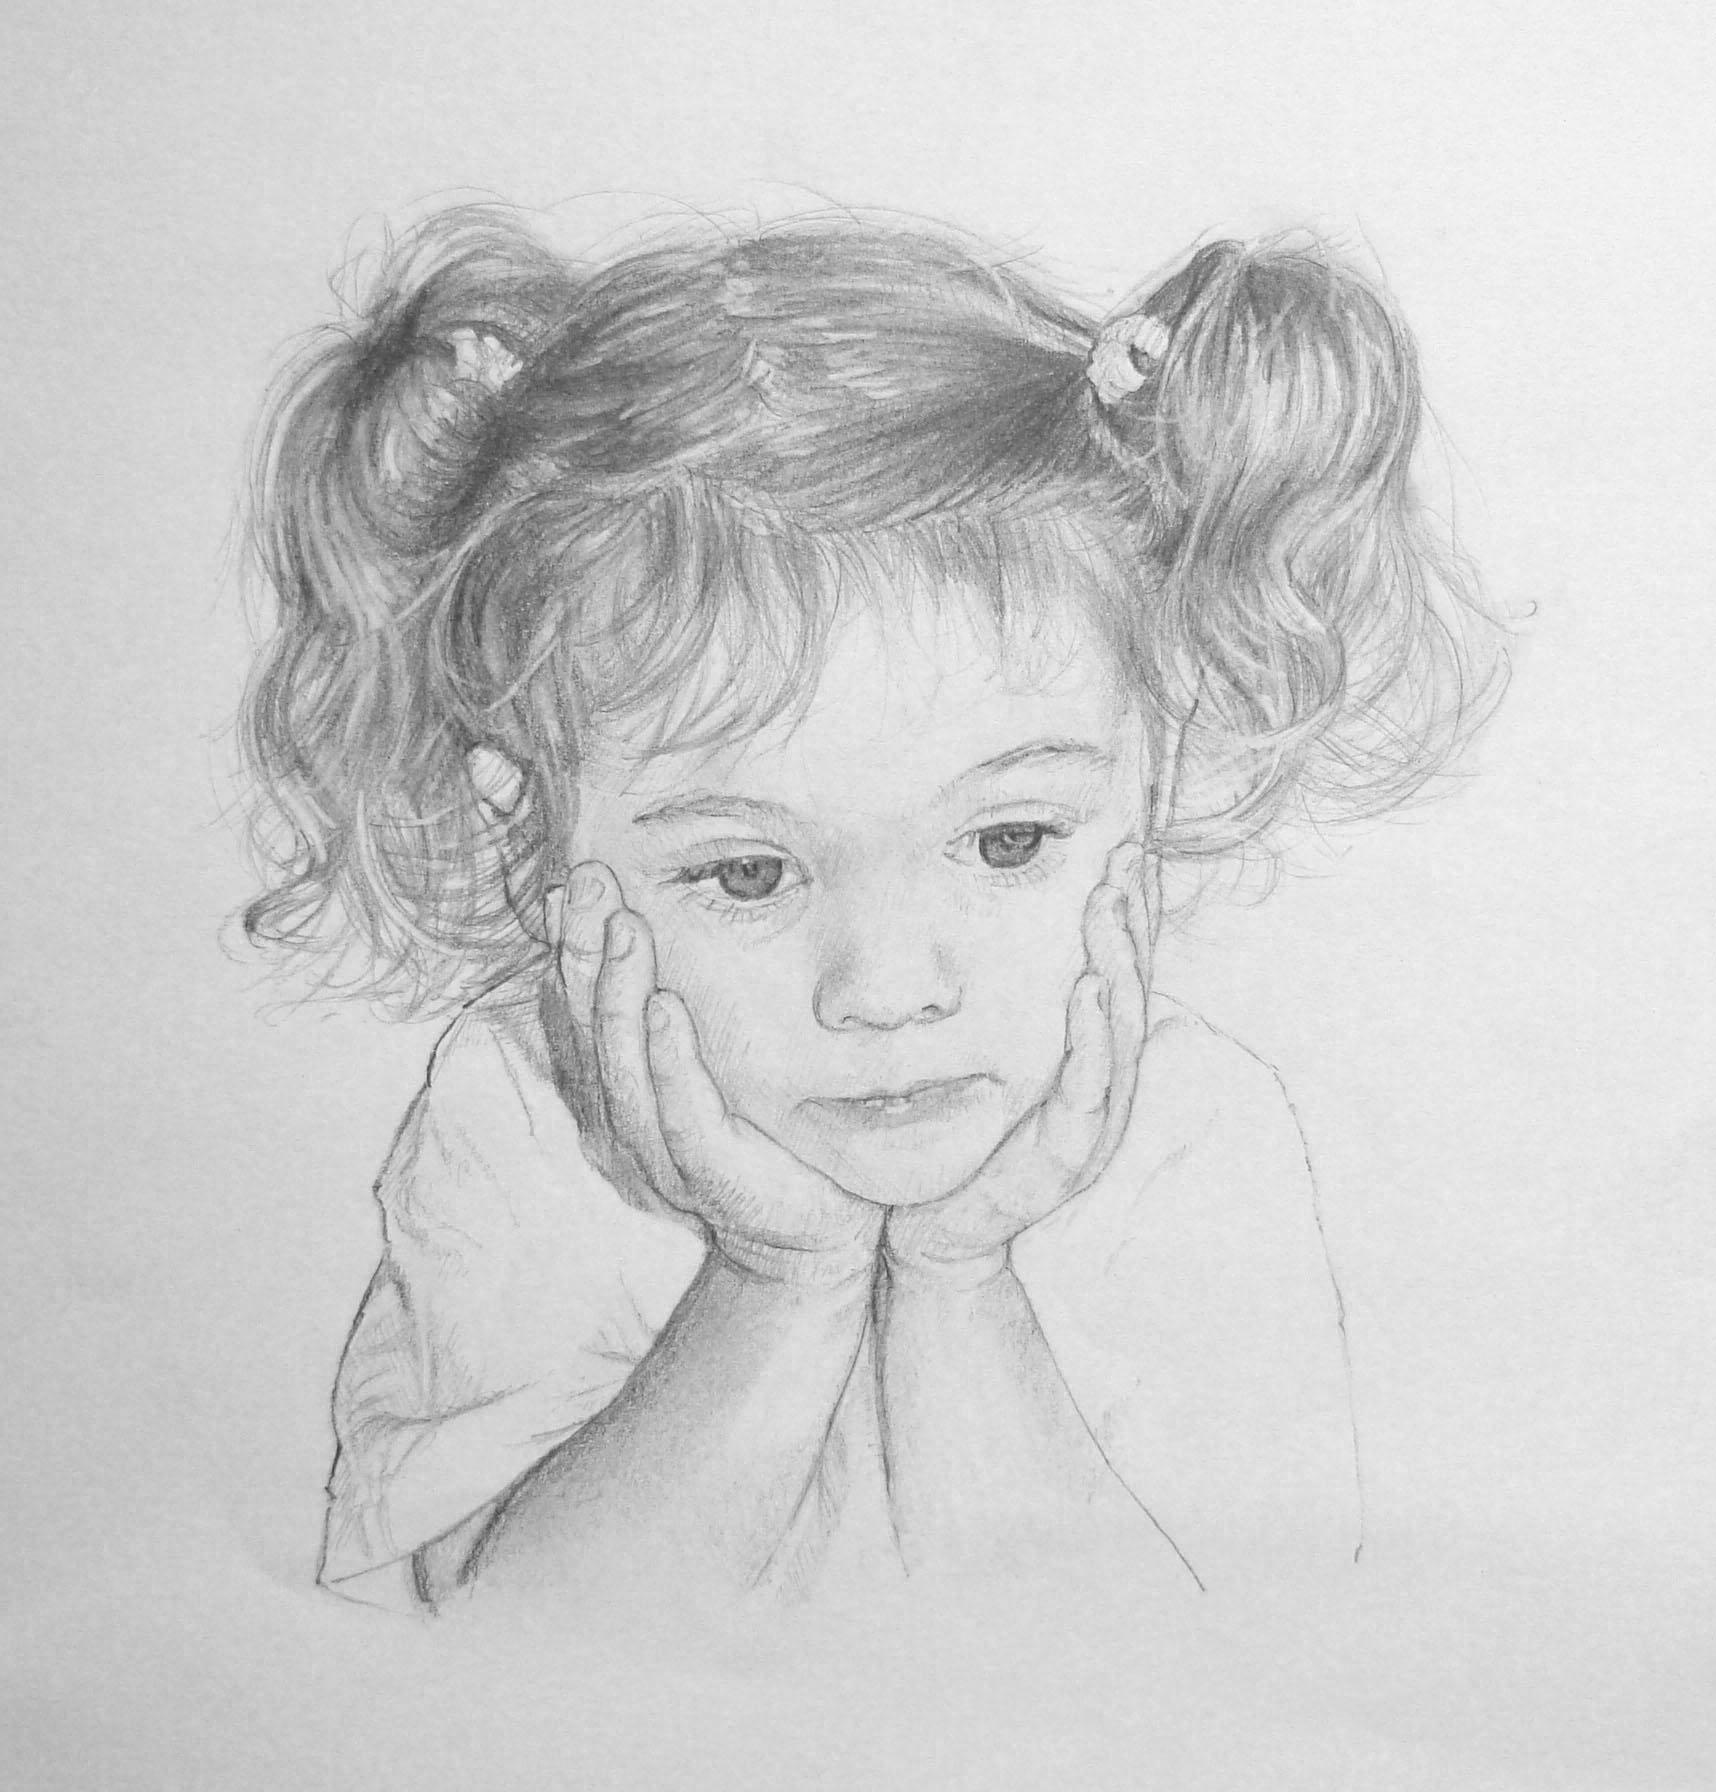 Drawn portrait children's face Bregman Artist affordable portraits people